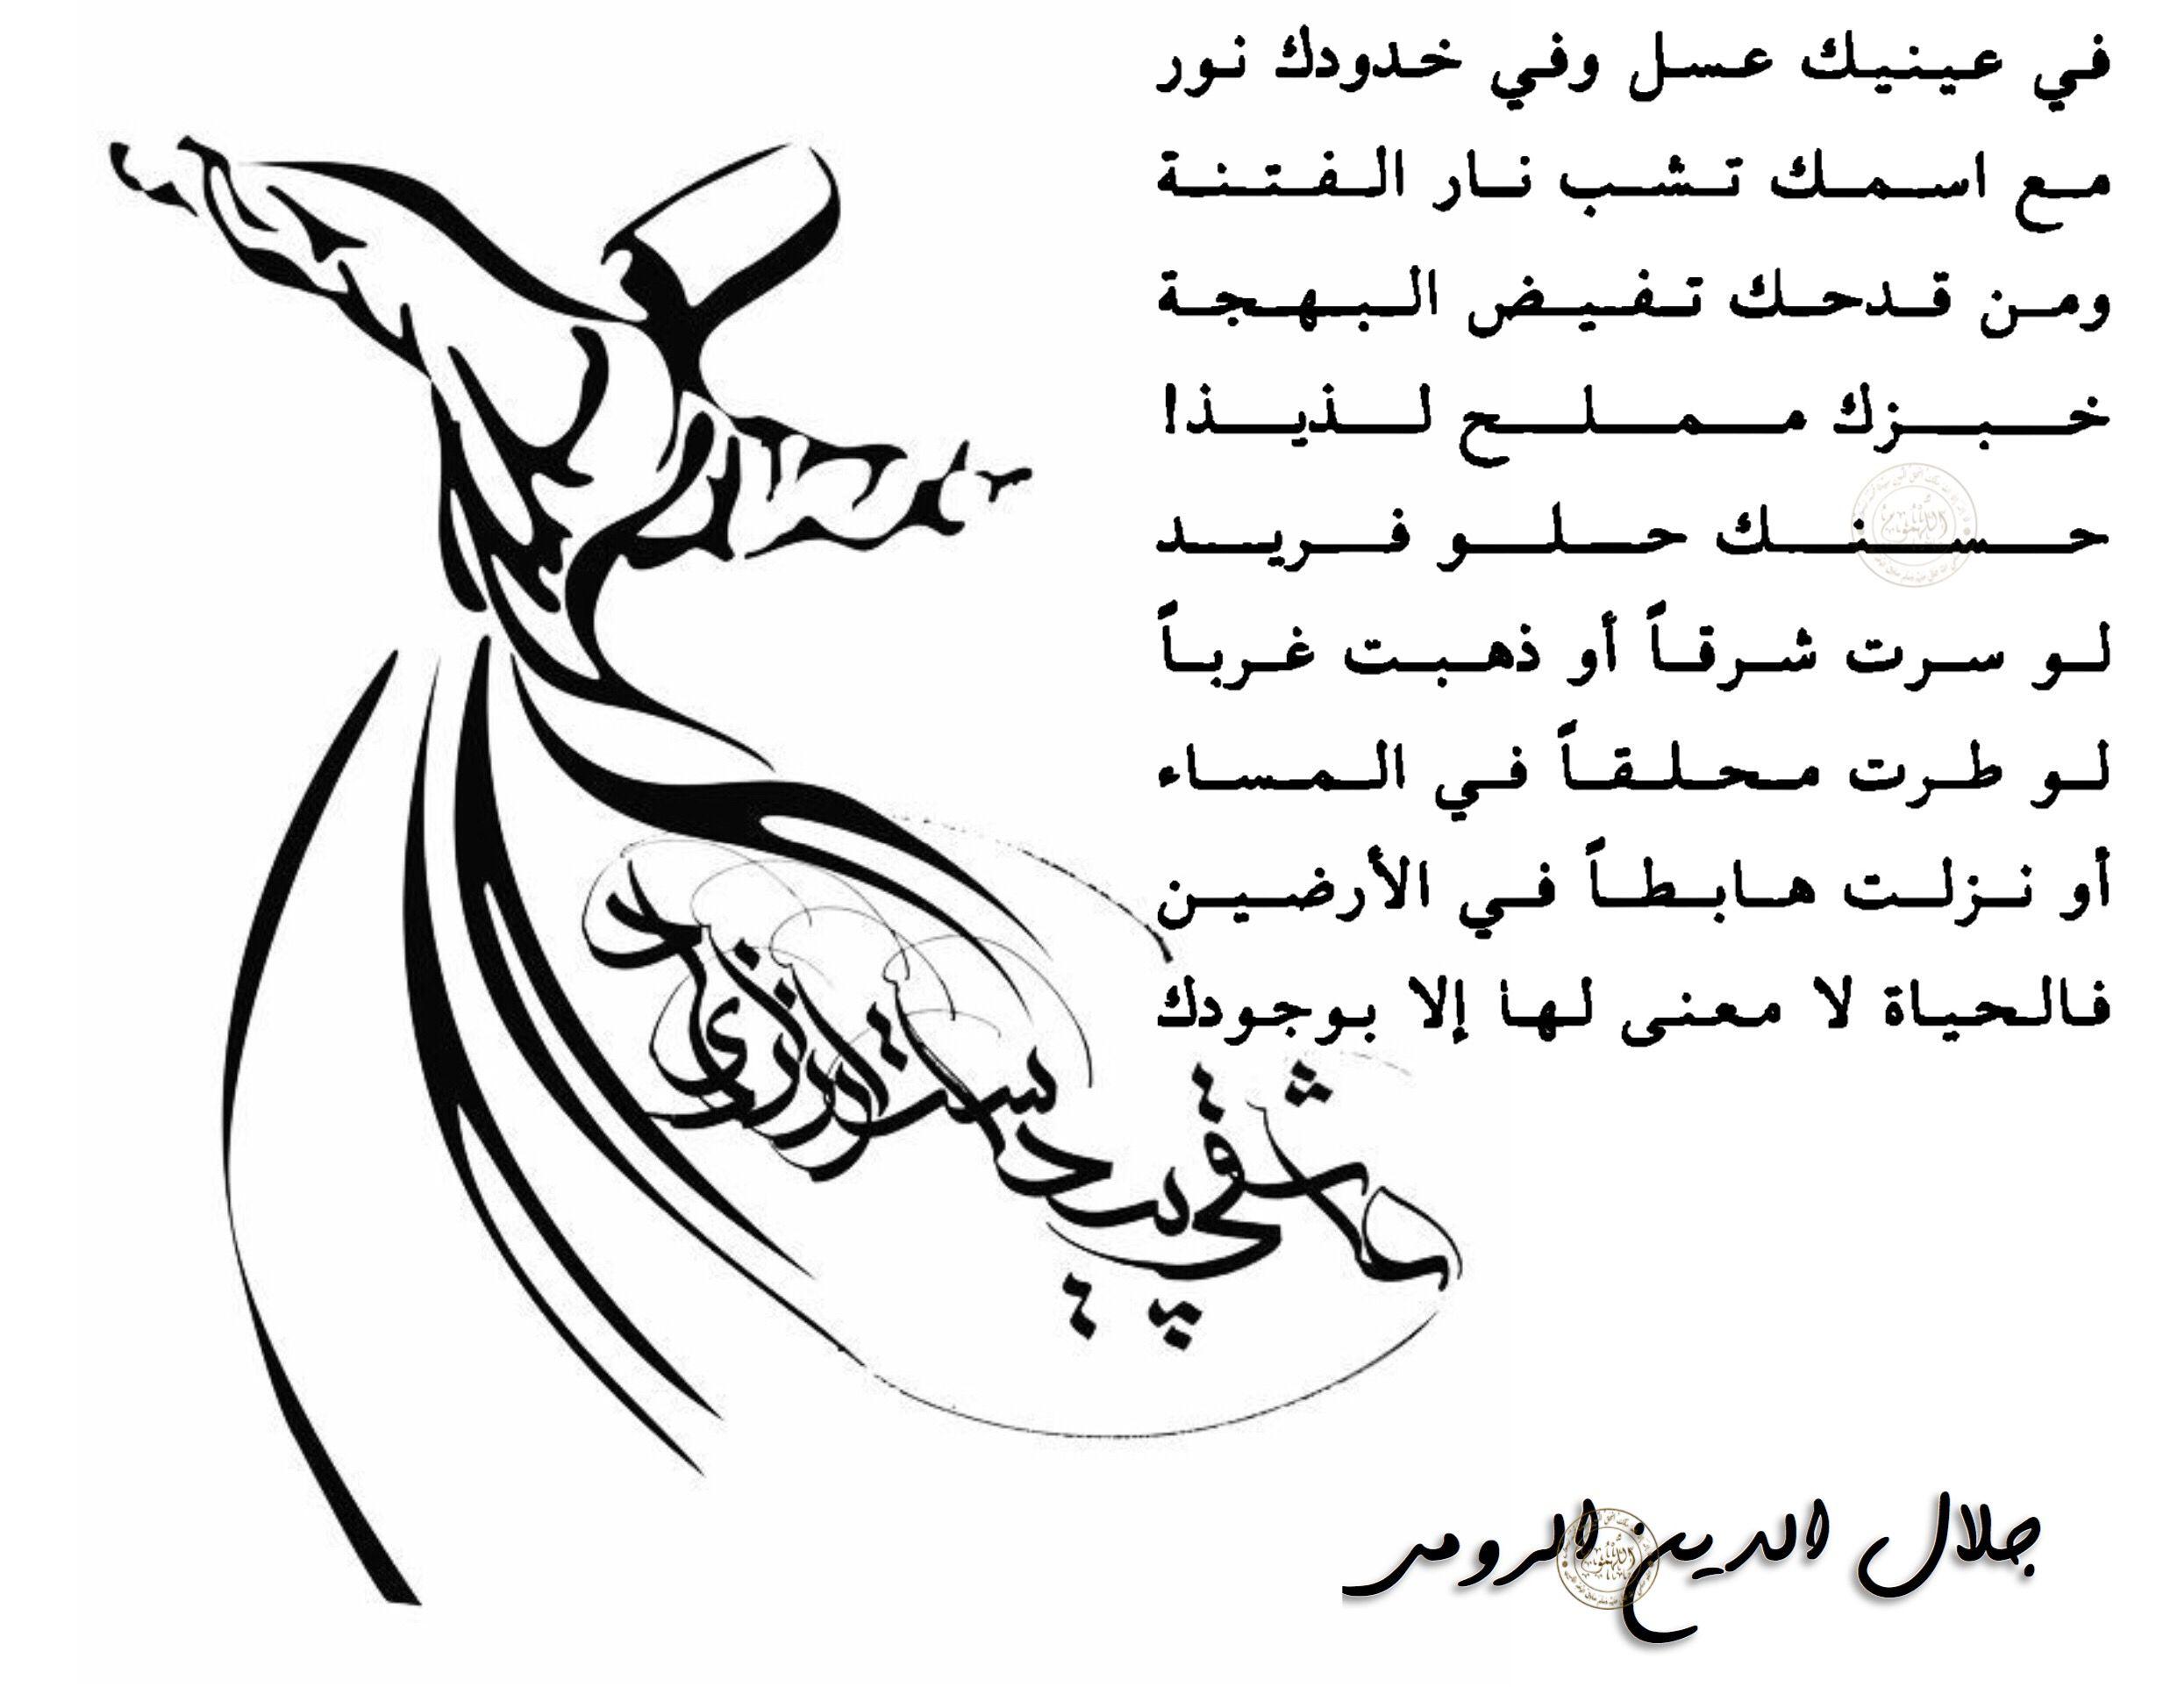 في عينيك عسل وفي خدودك نور مع اسمك تشب نار الفتنة ومن قدحك تفيض البهجة خبزك مملح لذيذ ا Sufi Arabic Calligraphy Art